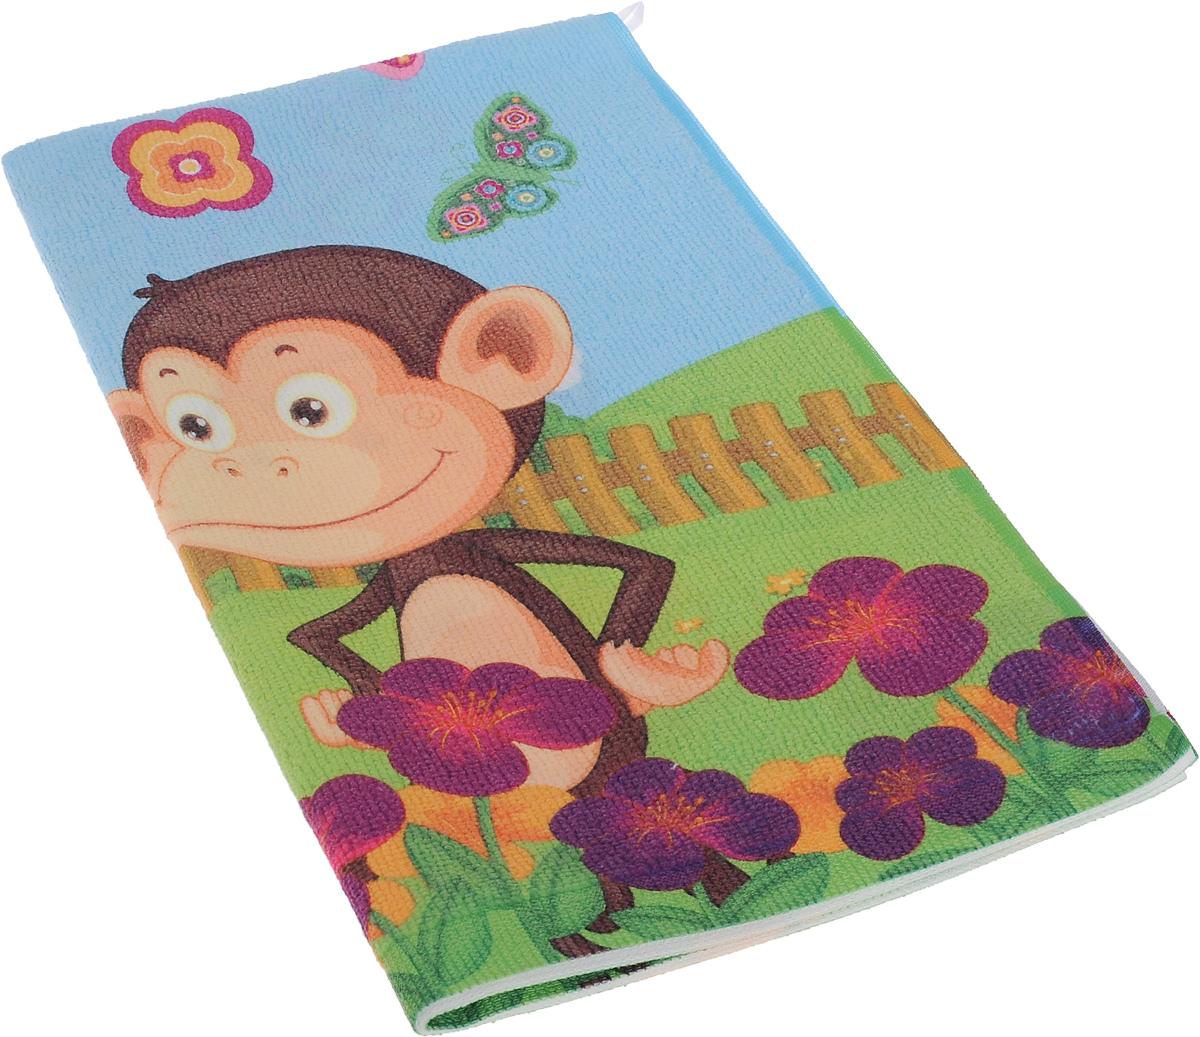 Полотенце кухонное Soavita Monkey, 38 х 64 см80590Кухонное полотенце Soavita Monkey, выполненное из высококачественной микрофибры (80% полиэстер, 20% полиамид), оформлено изображением забавных обезьянок. Имеется петелька для подвешивания. Изделие предназначено для использования на кухне и в столовой. Такое полотенце станет отличным вариантом для практичной и современной хозяйки.